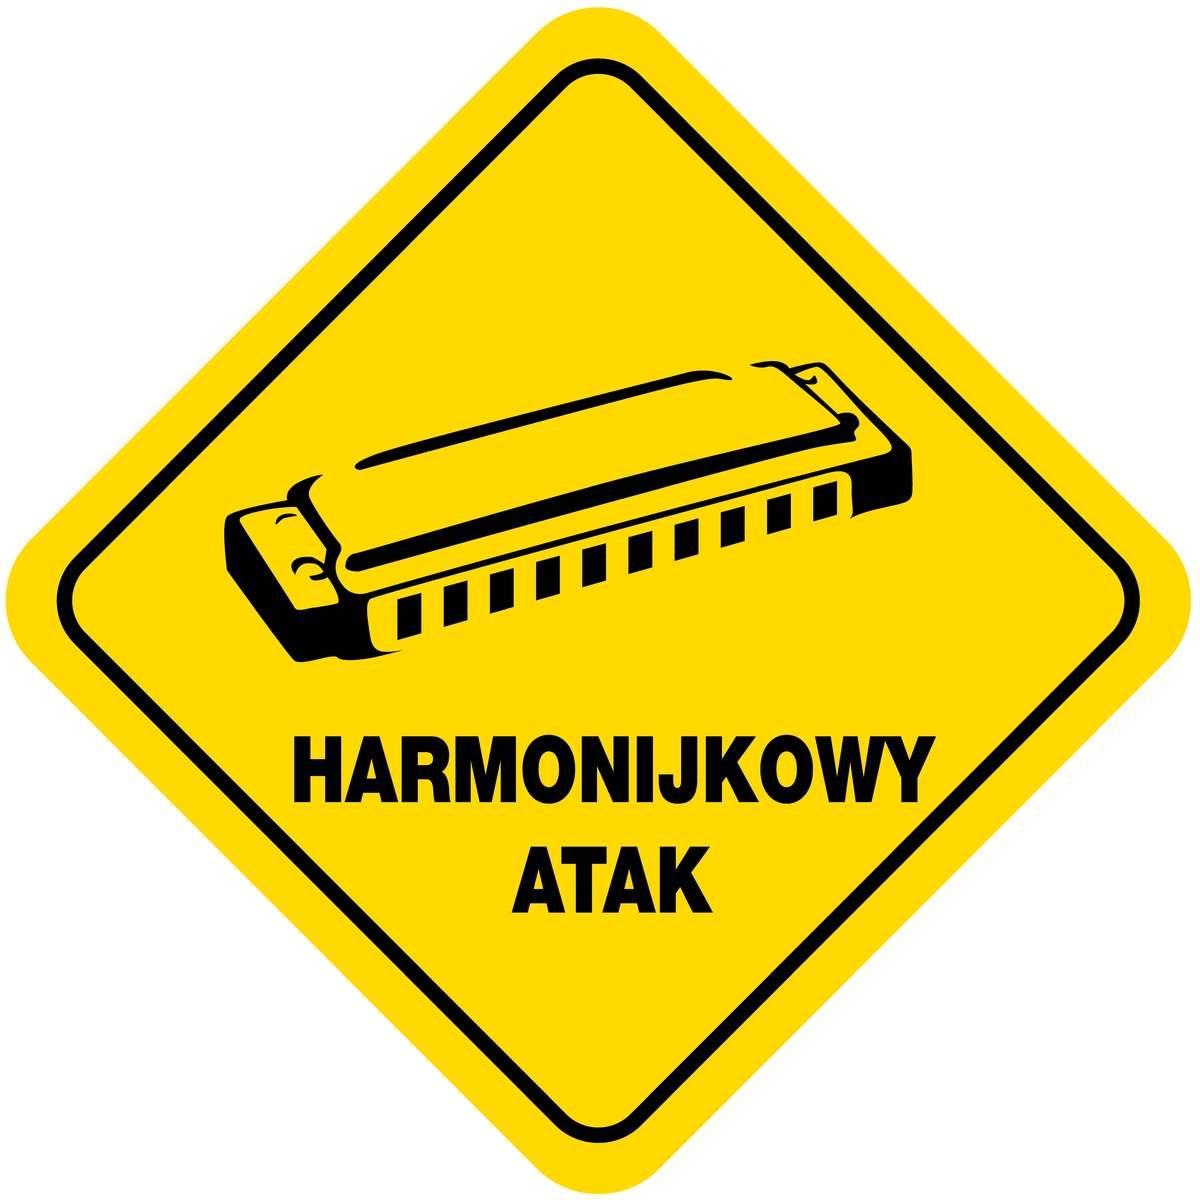 Harmonijkowy Atak w Sowie - full image